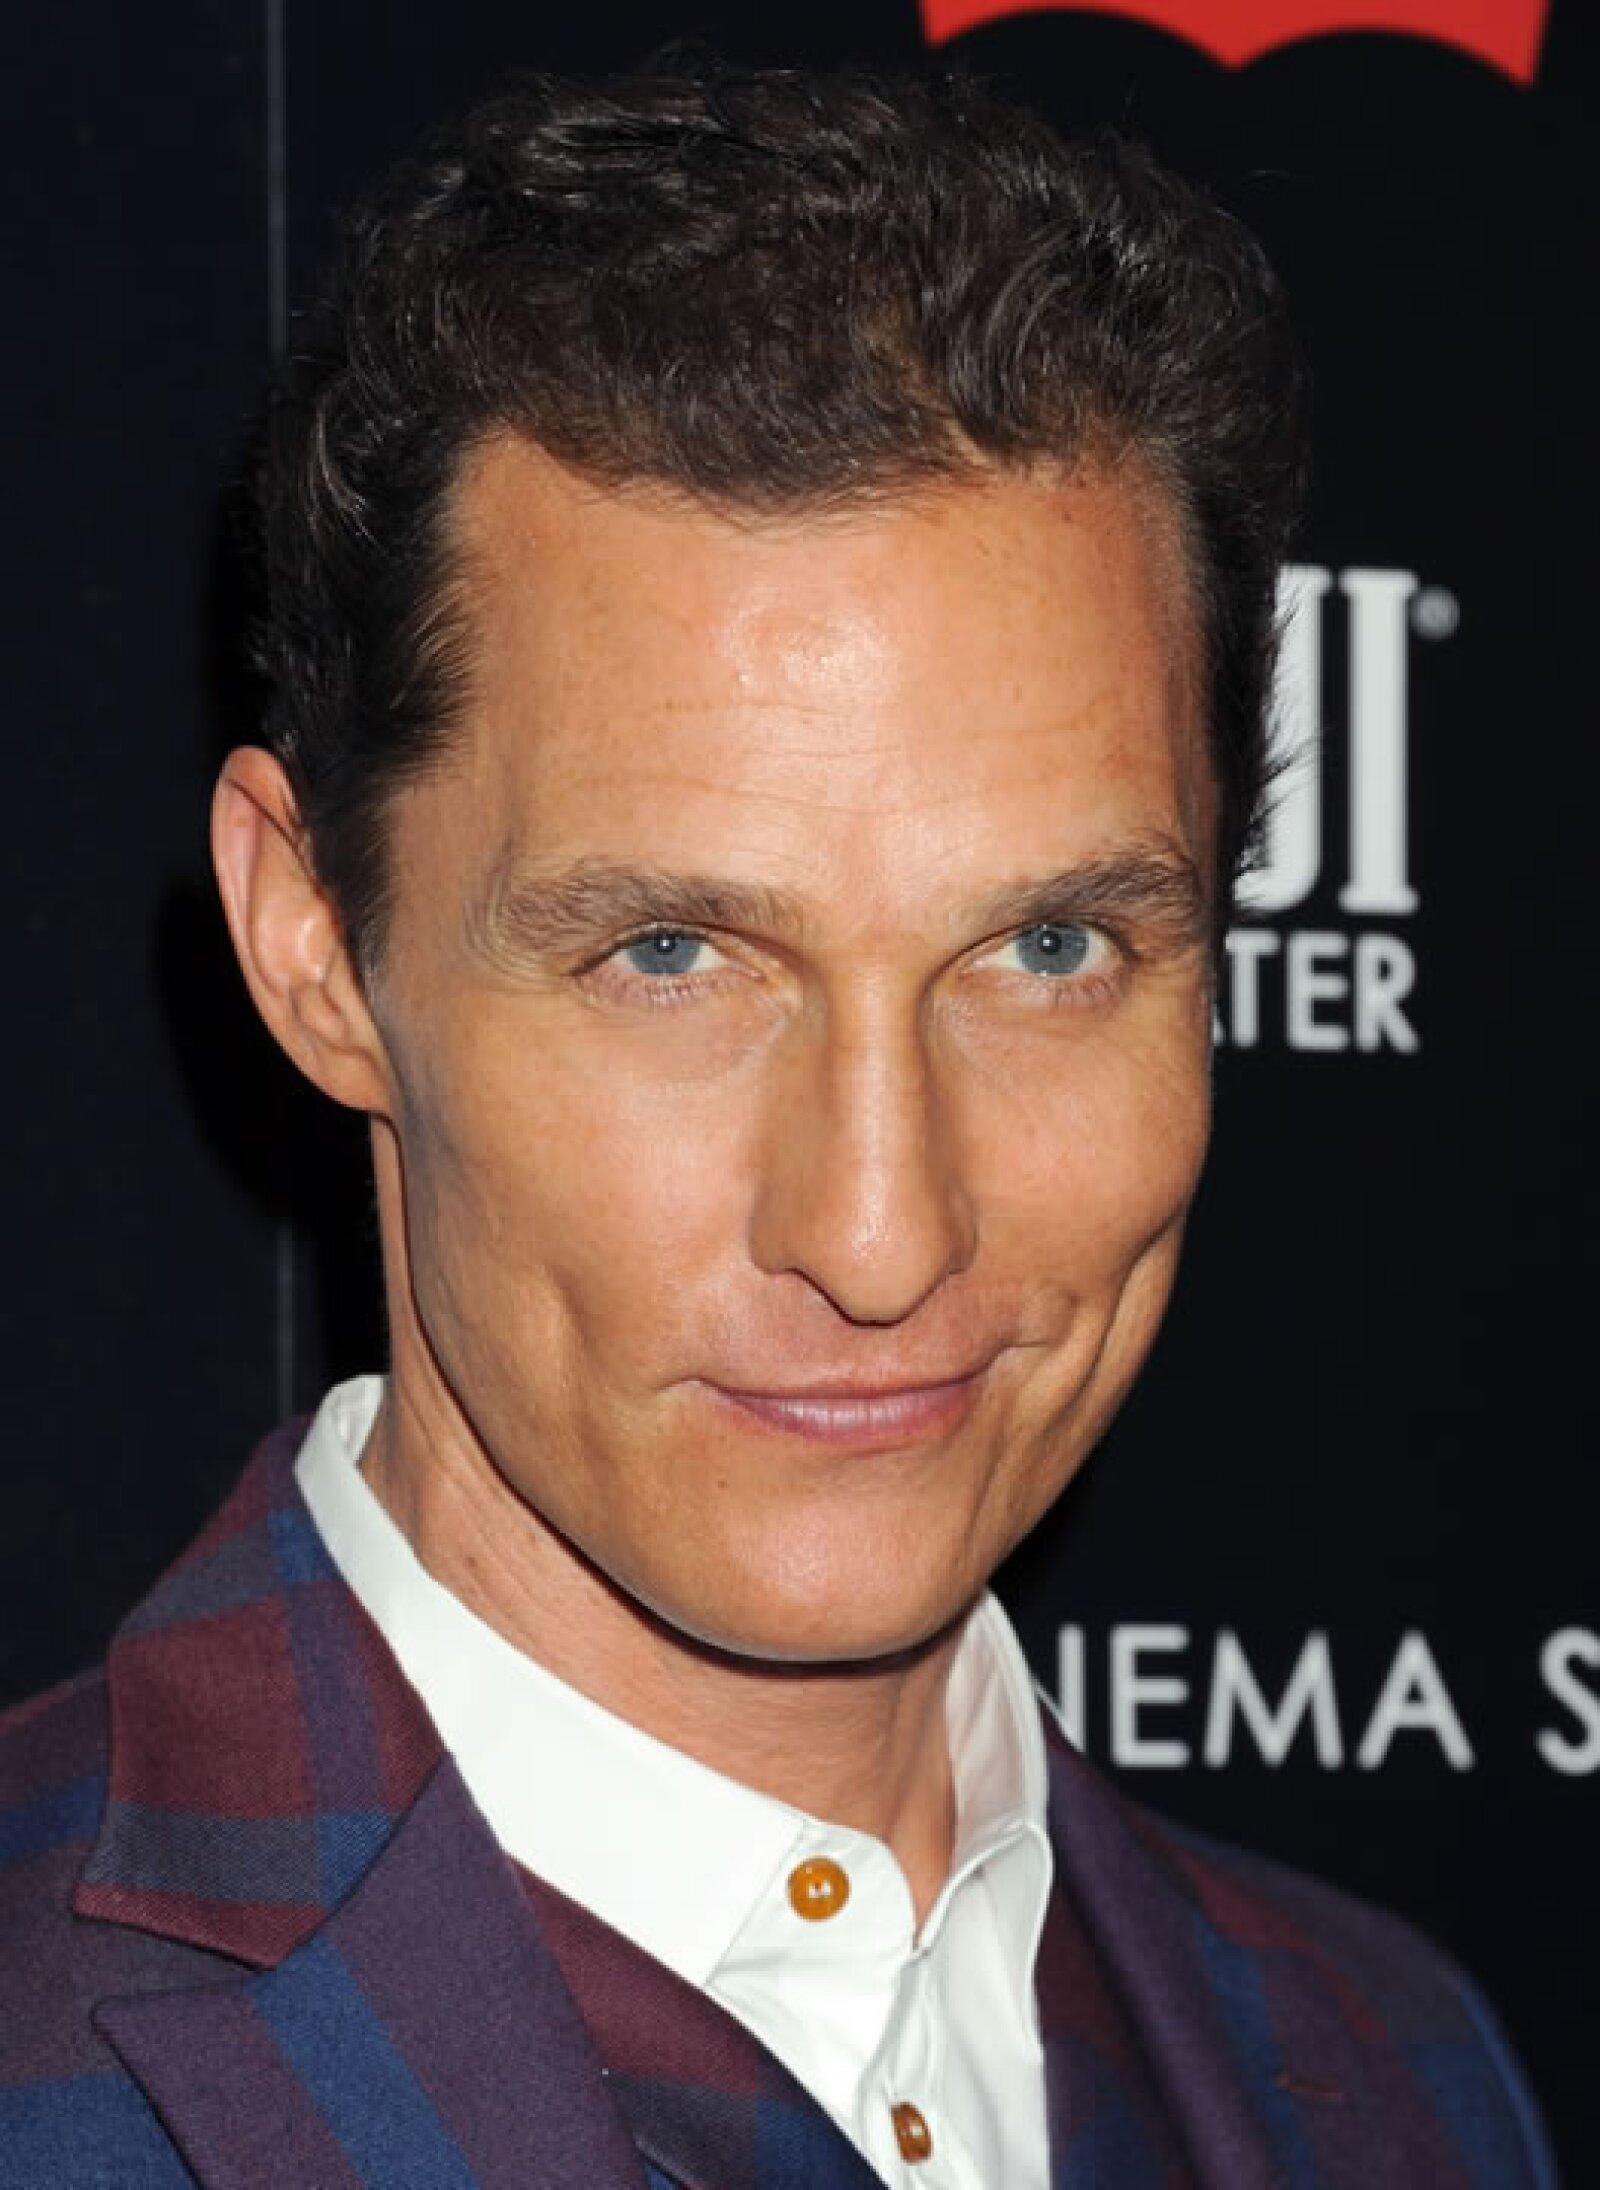 Matthew McConaughey, muy `ad hoc´con su actuación en `El defensor´estudió Derecho antes de ser actor.